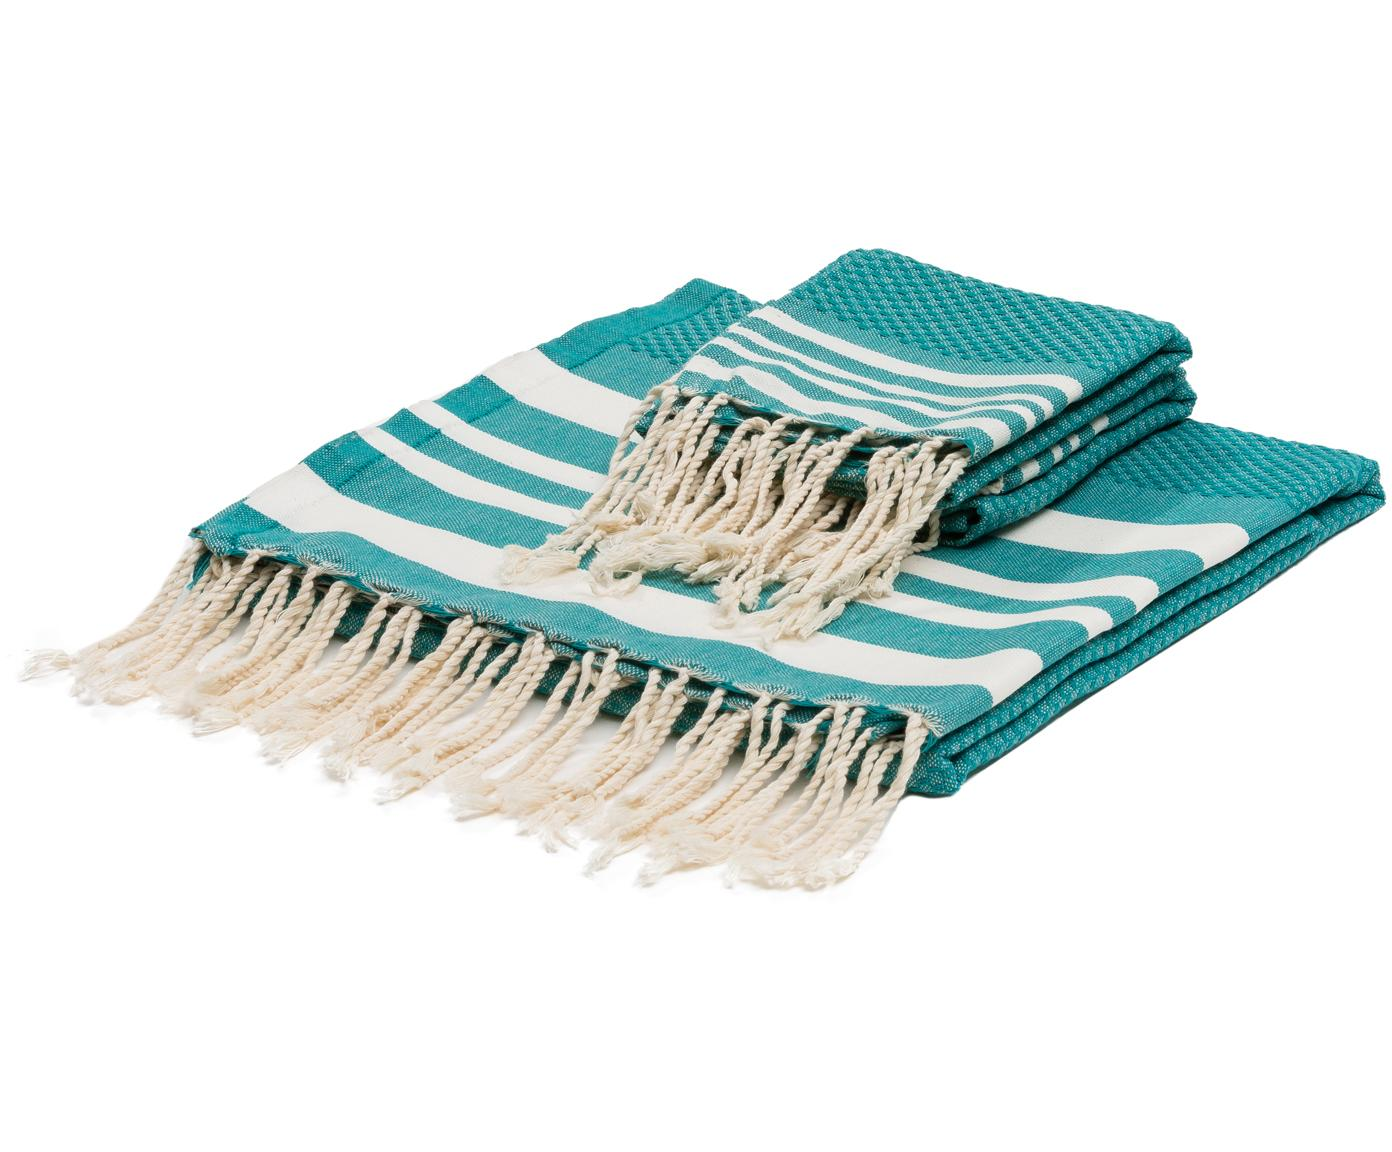 Komplet ręczników Hamptons, 3 elem., Turkusowozielony, biały, Różne rozmiary